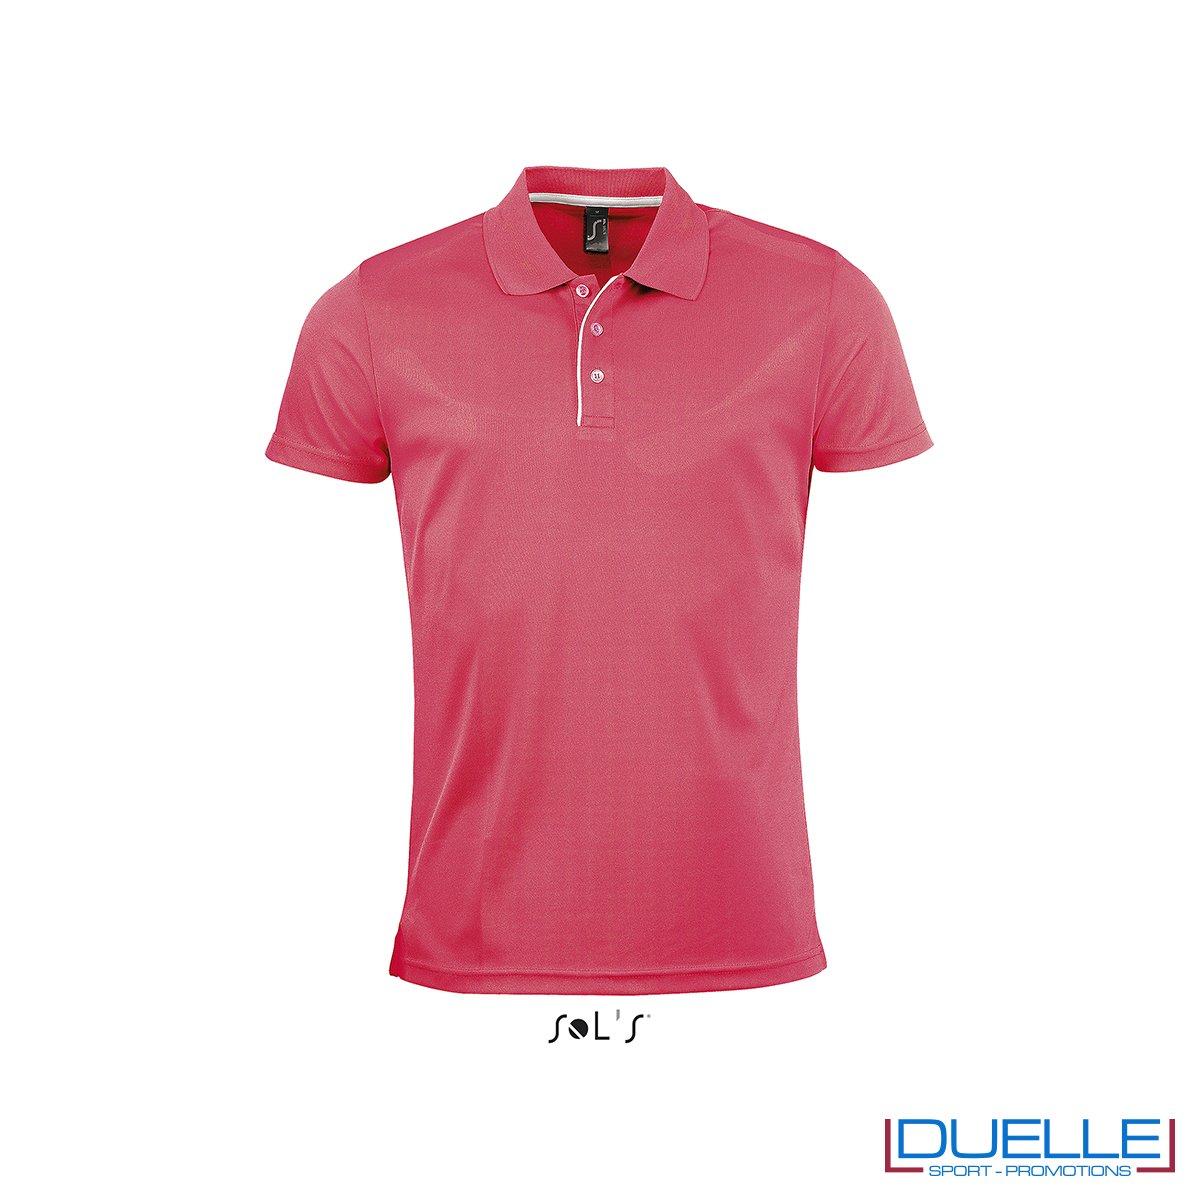 polo personalizzata sportiva in poliestere traspirante colore rosso, polo personalizzata, abbigliamento sportivo personalizzato colore CORALLO